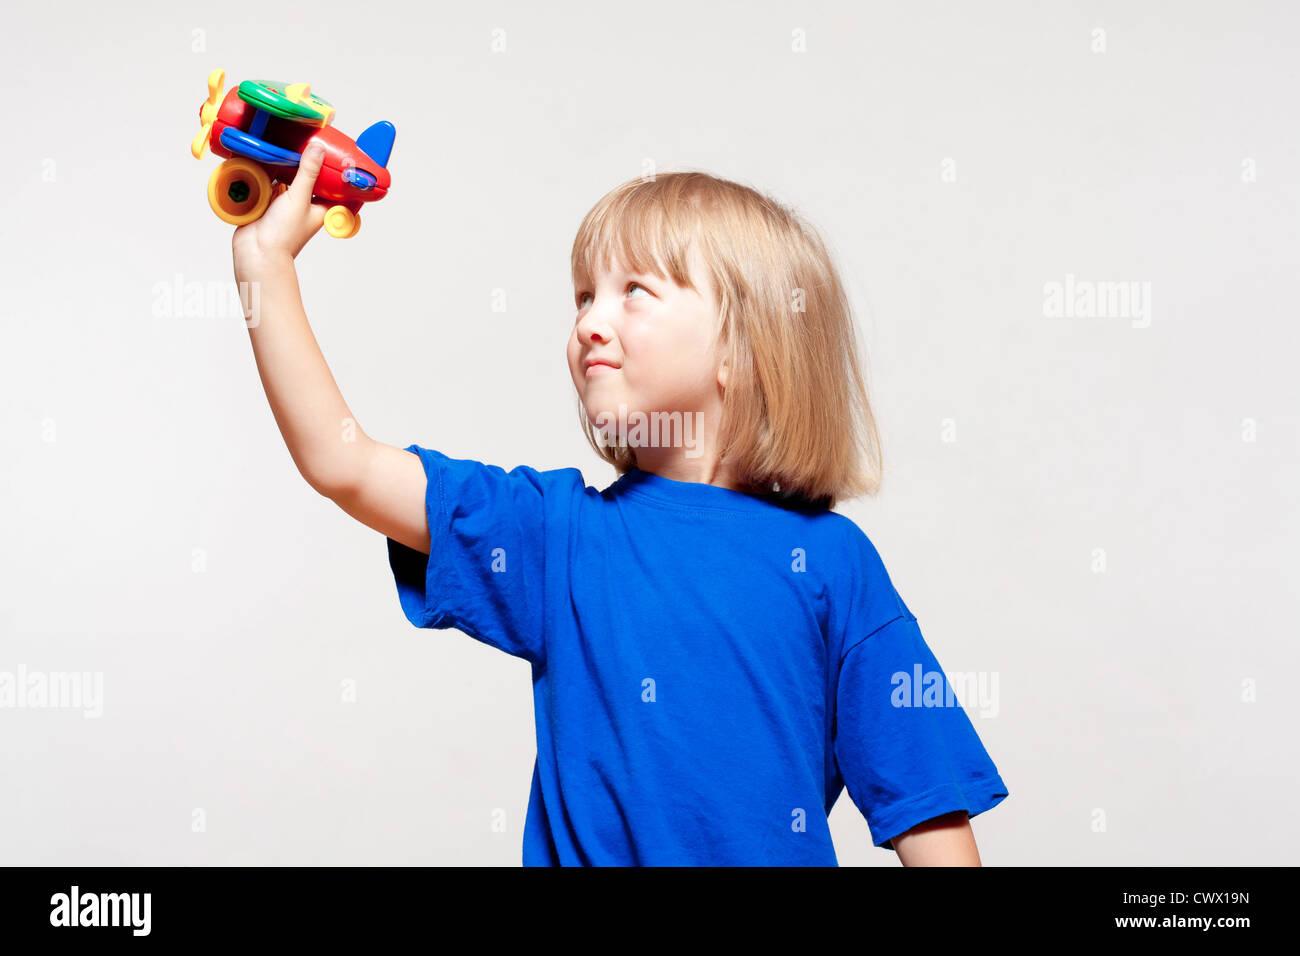 Junge mit langen blonden Haaren spielen mit Spielzeugflugzeug - isoliert auf hellgrau Stockbild